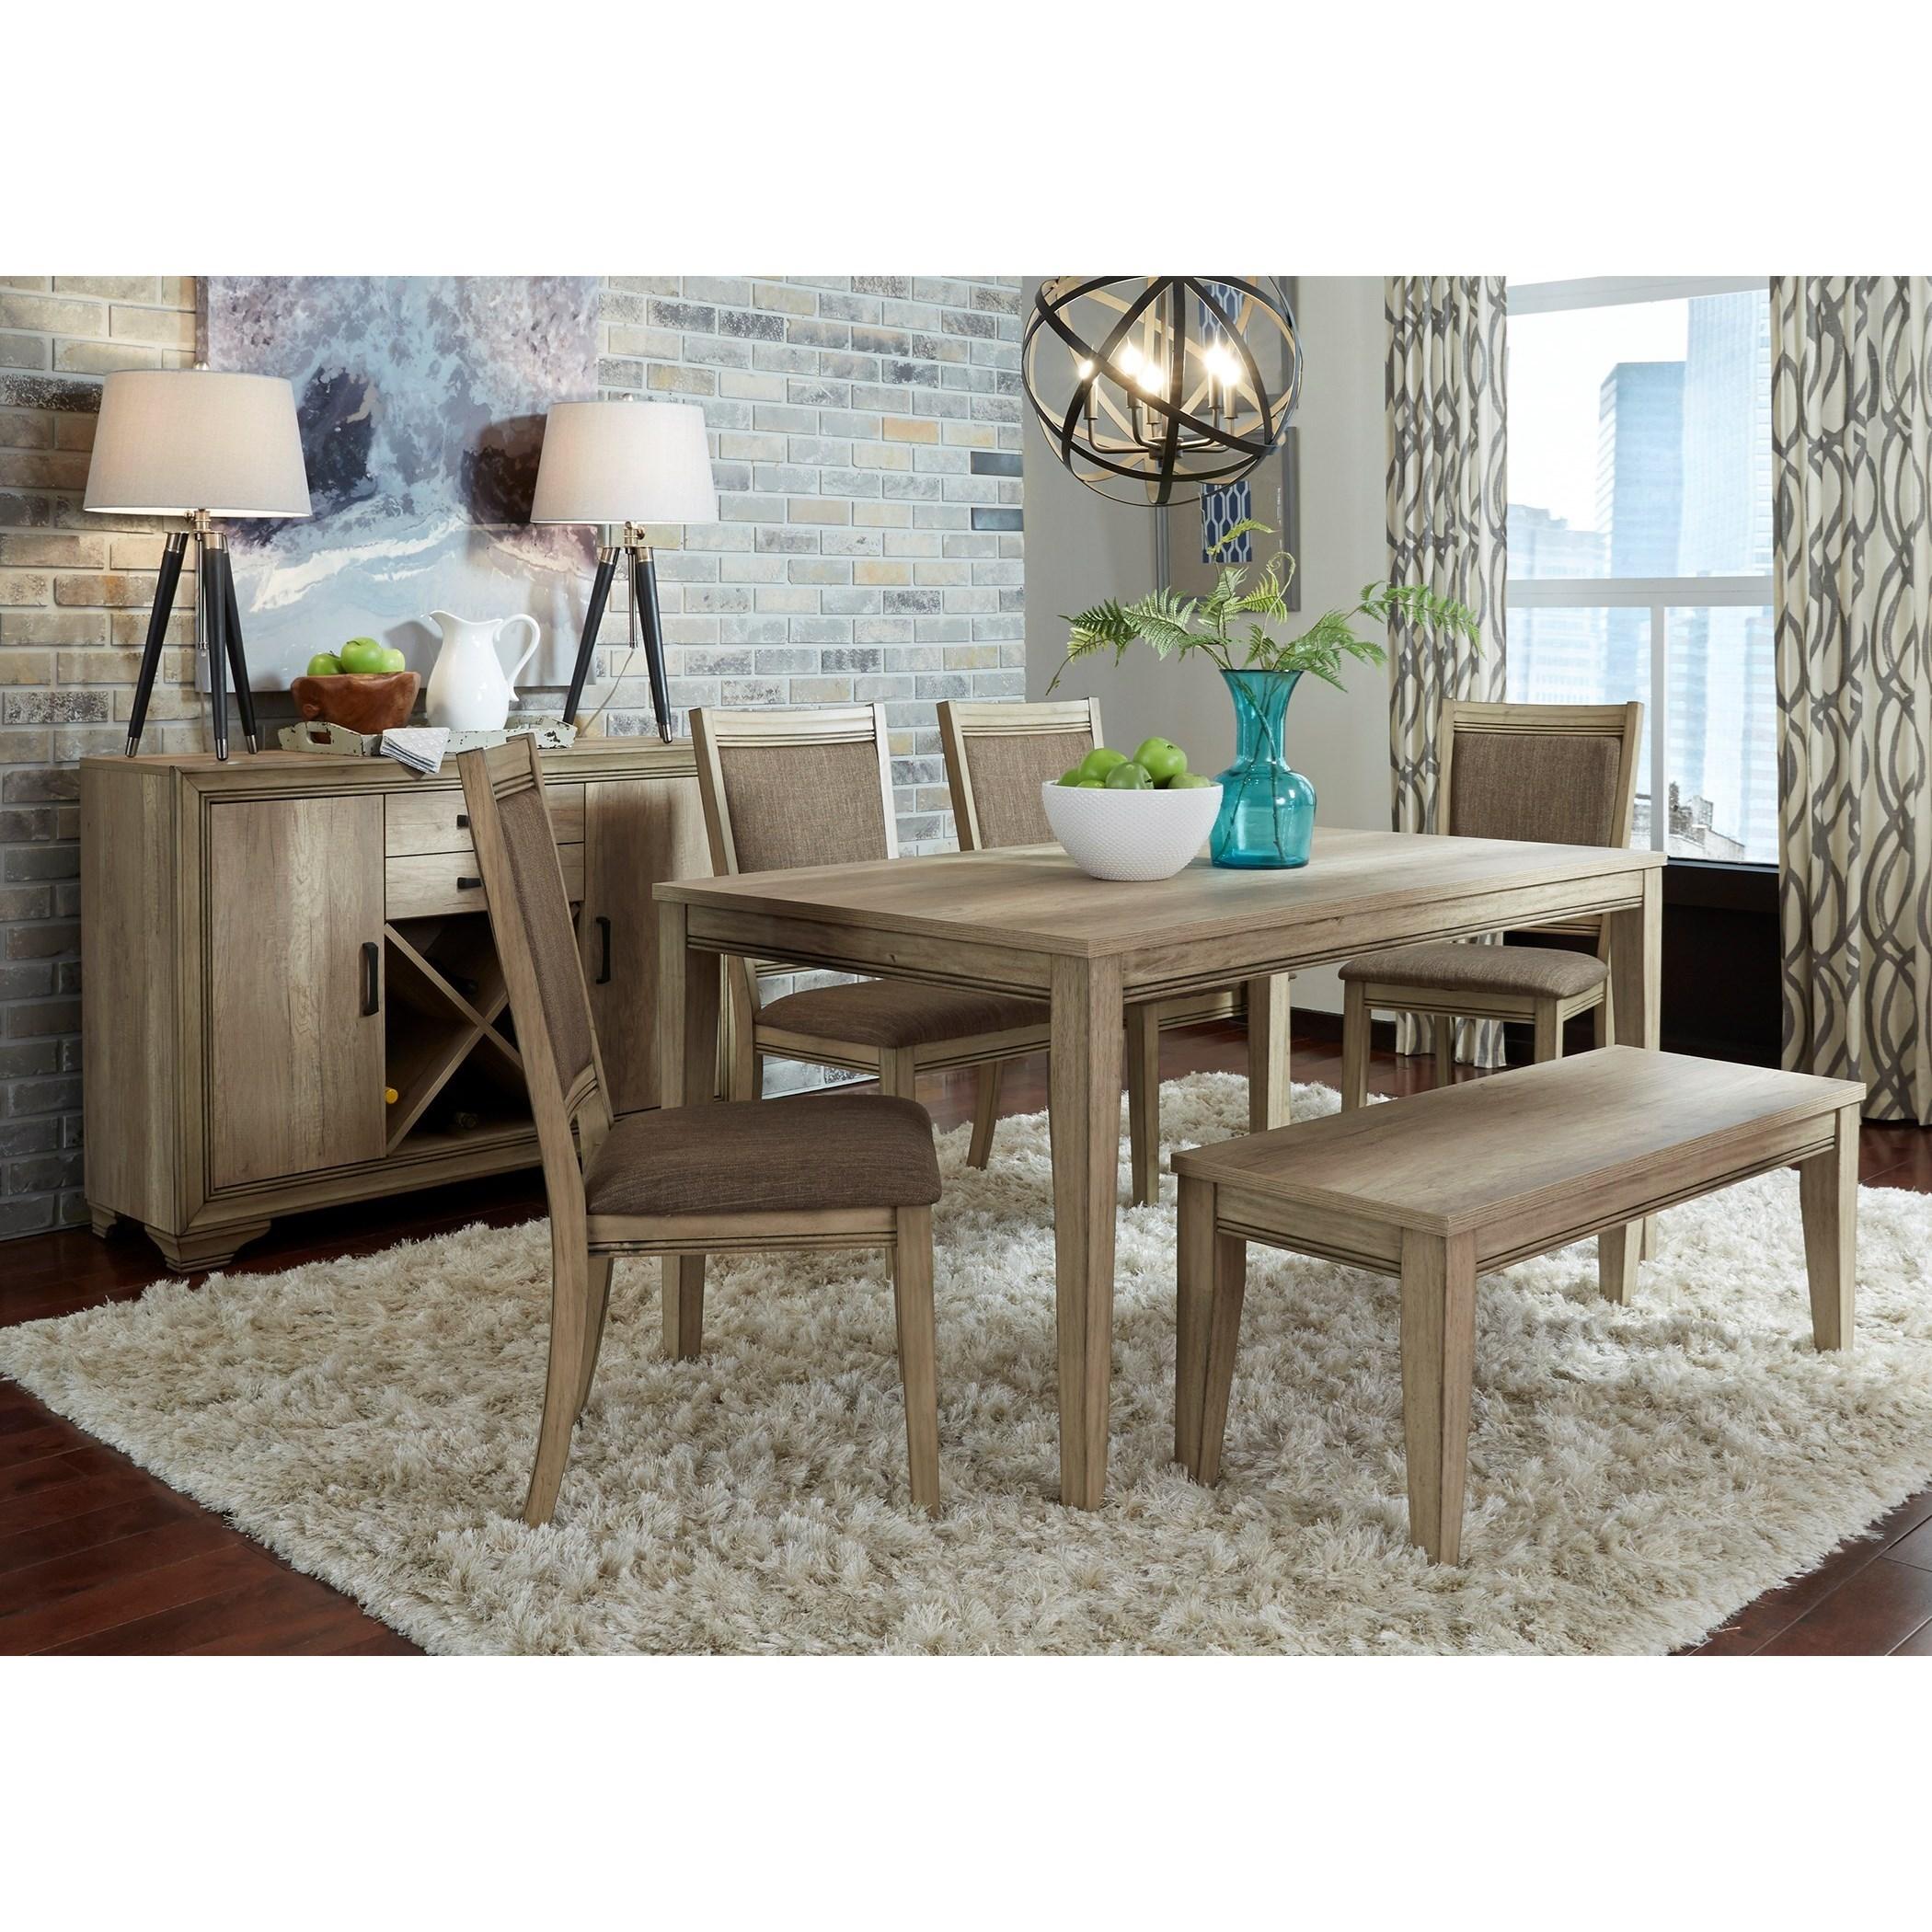 Bench Dining Room Set: Liberty Furniture Sun Valley 6 Piece Rectangular Table Set